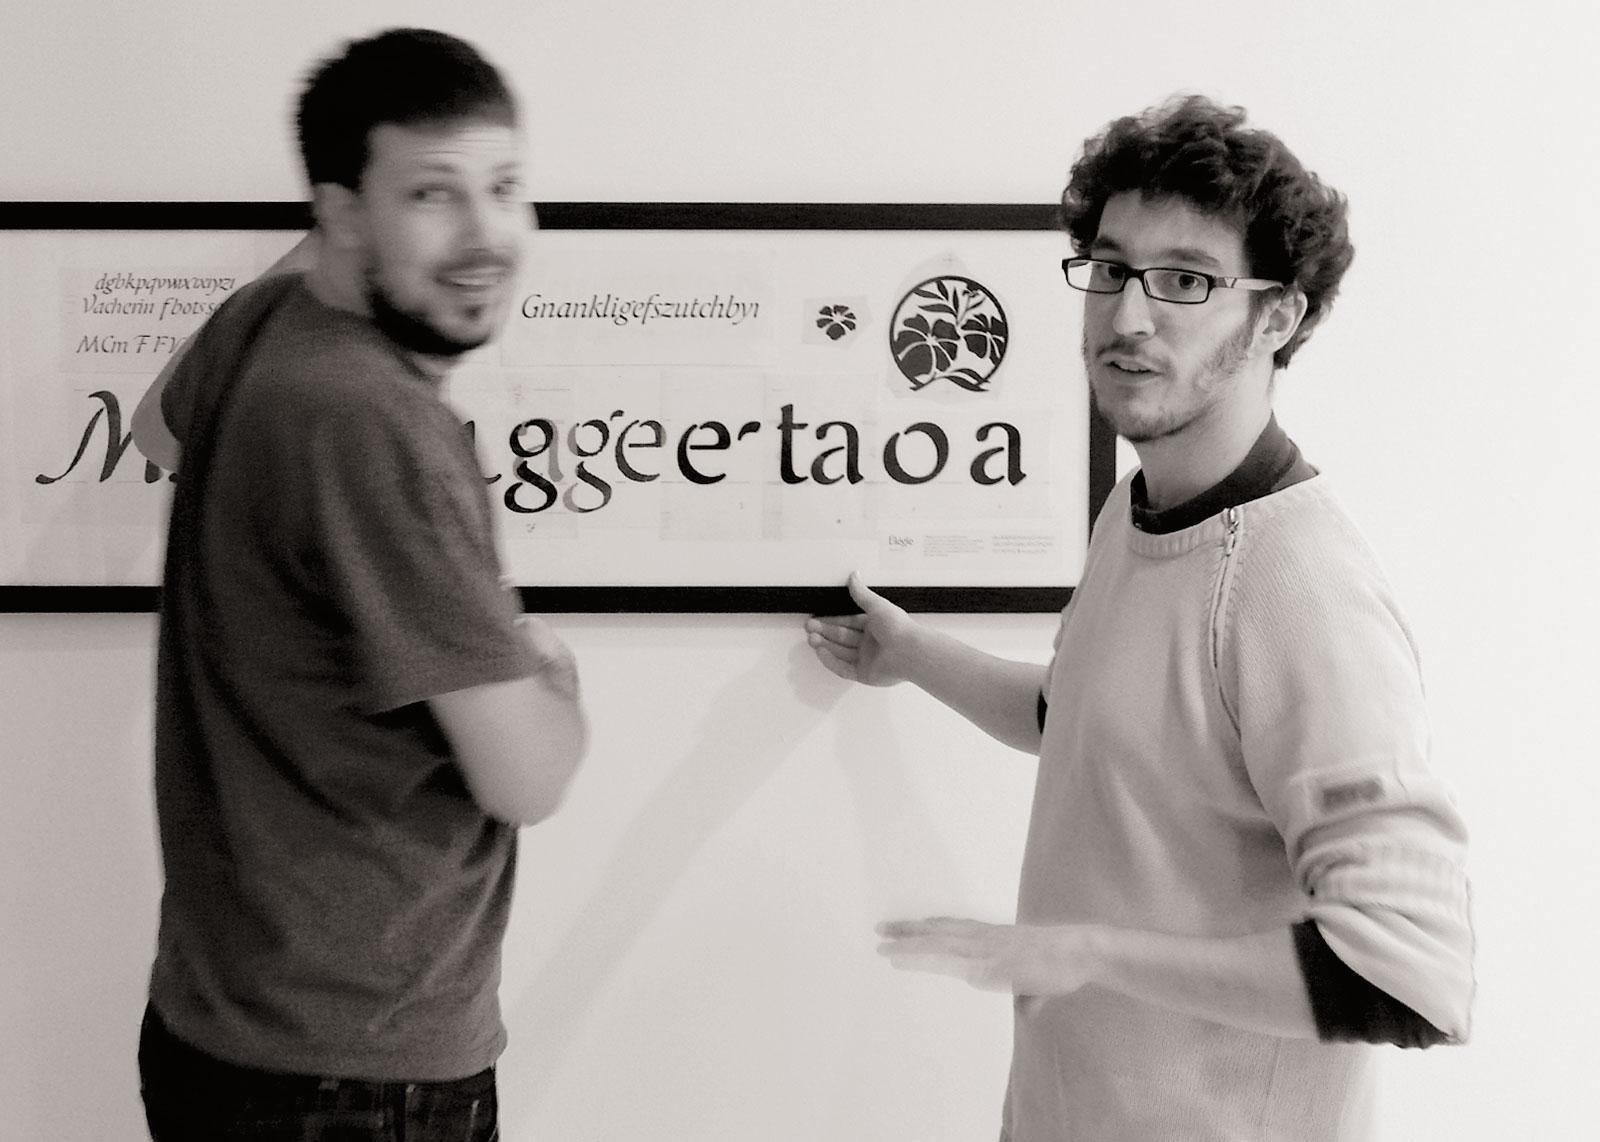 Accrochage, originaux du caractère Elégie. Mike Sabbagh et Thierry Fétiveau , 26 novembre 2012 (photo Olivier Nineuil).